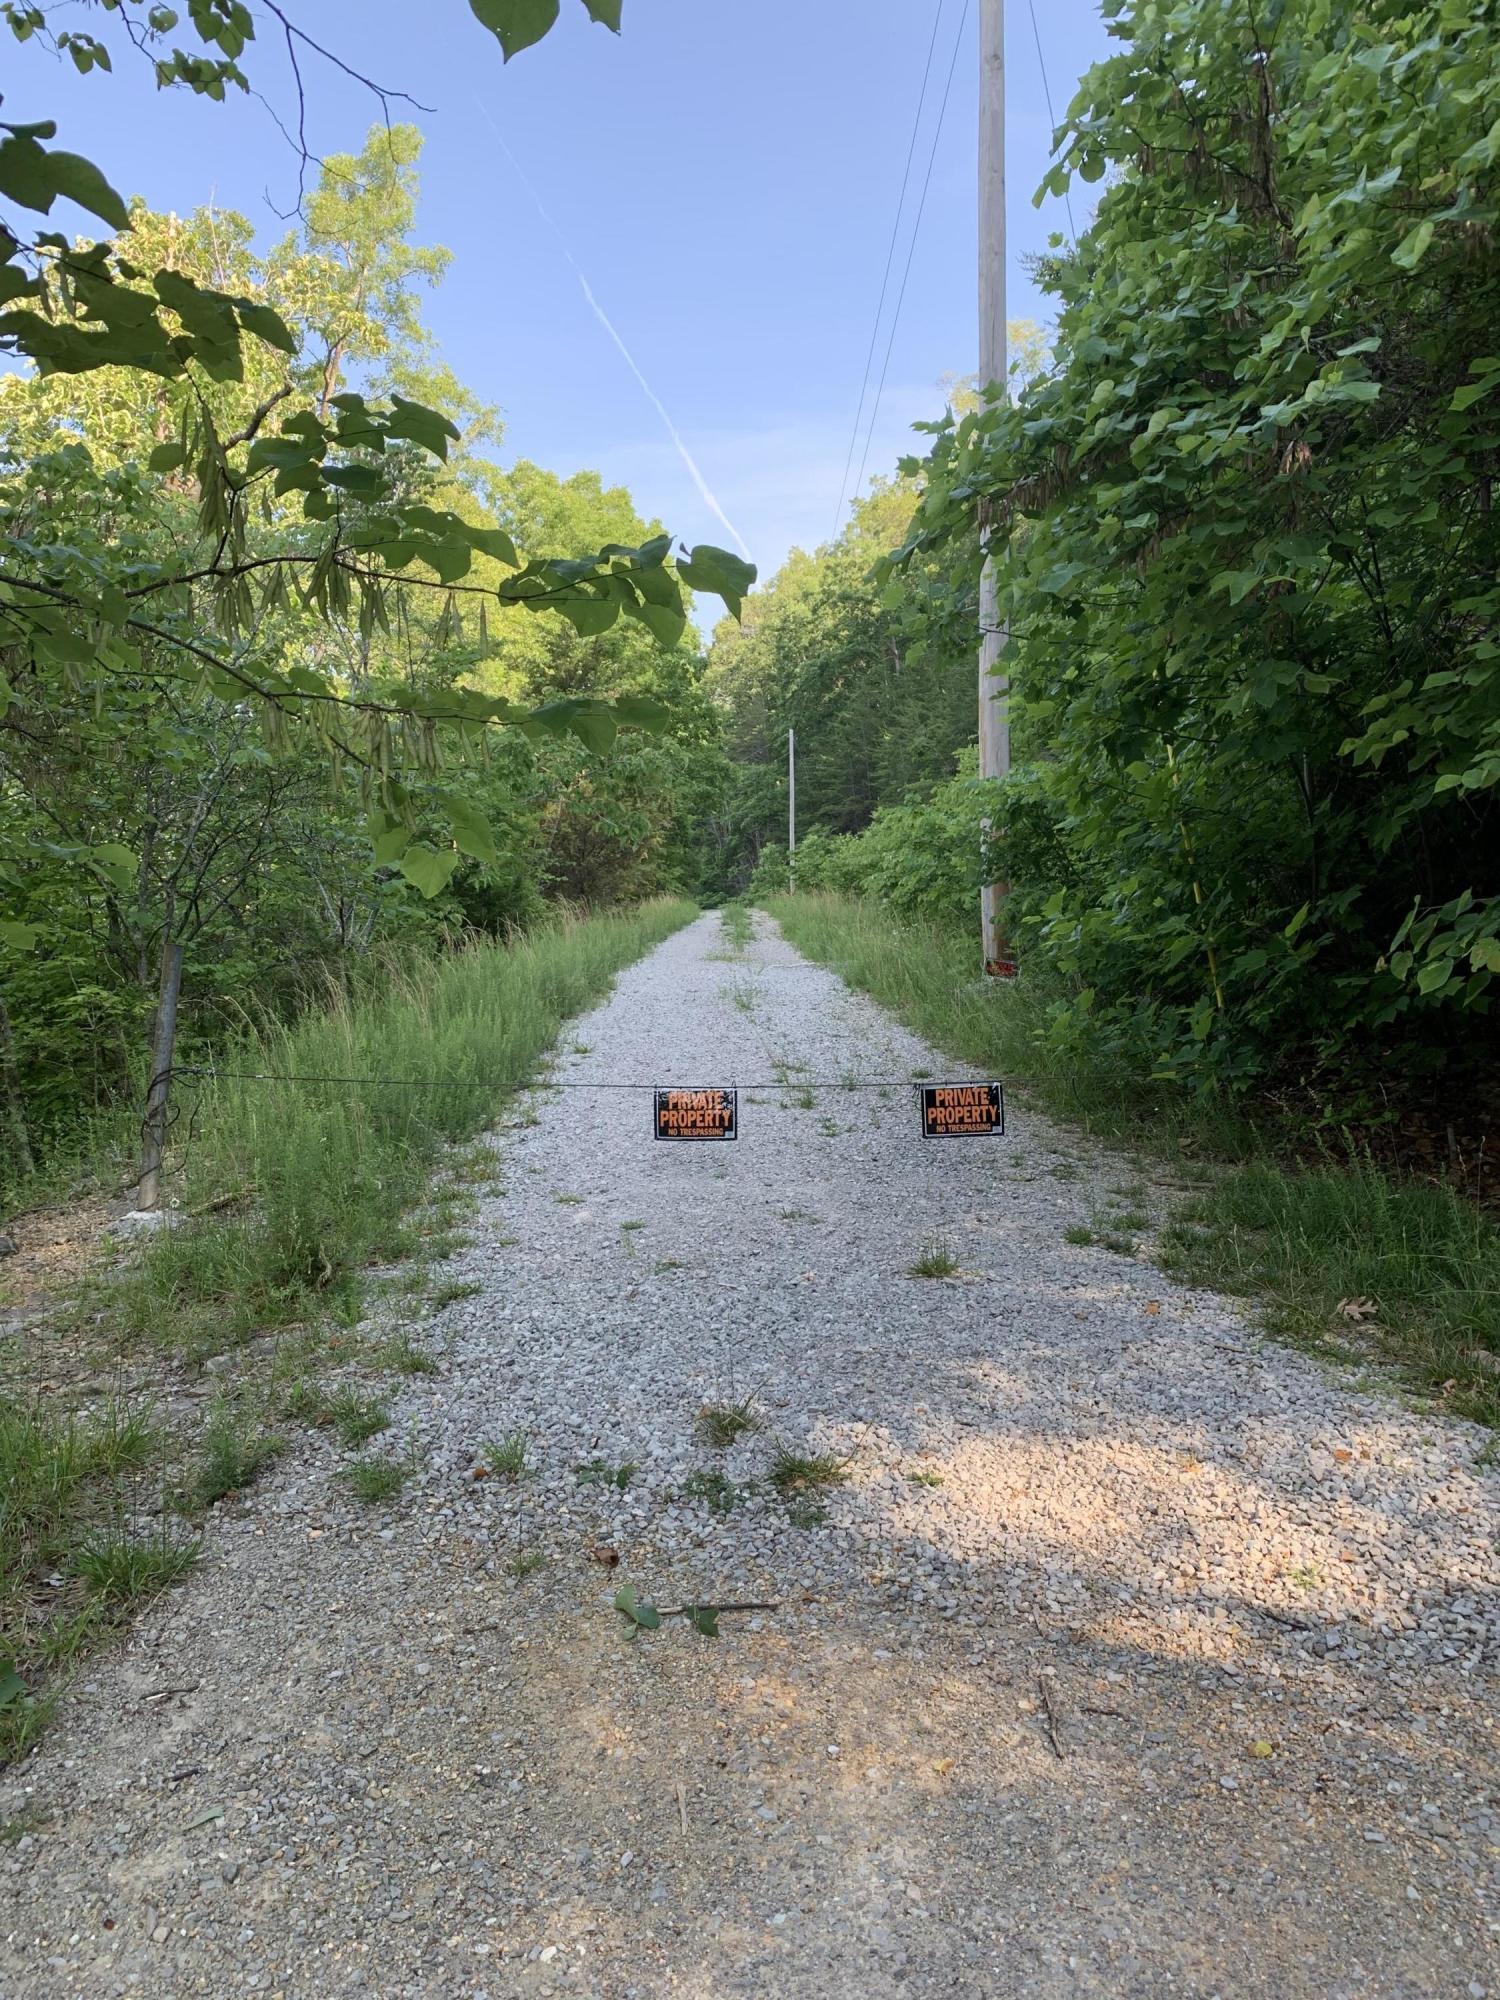 Lot 72 Fox Lake Lane: